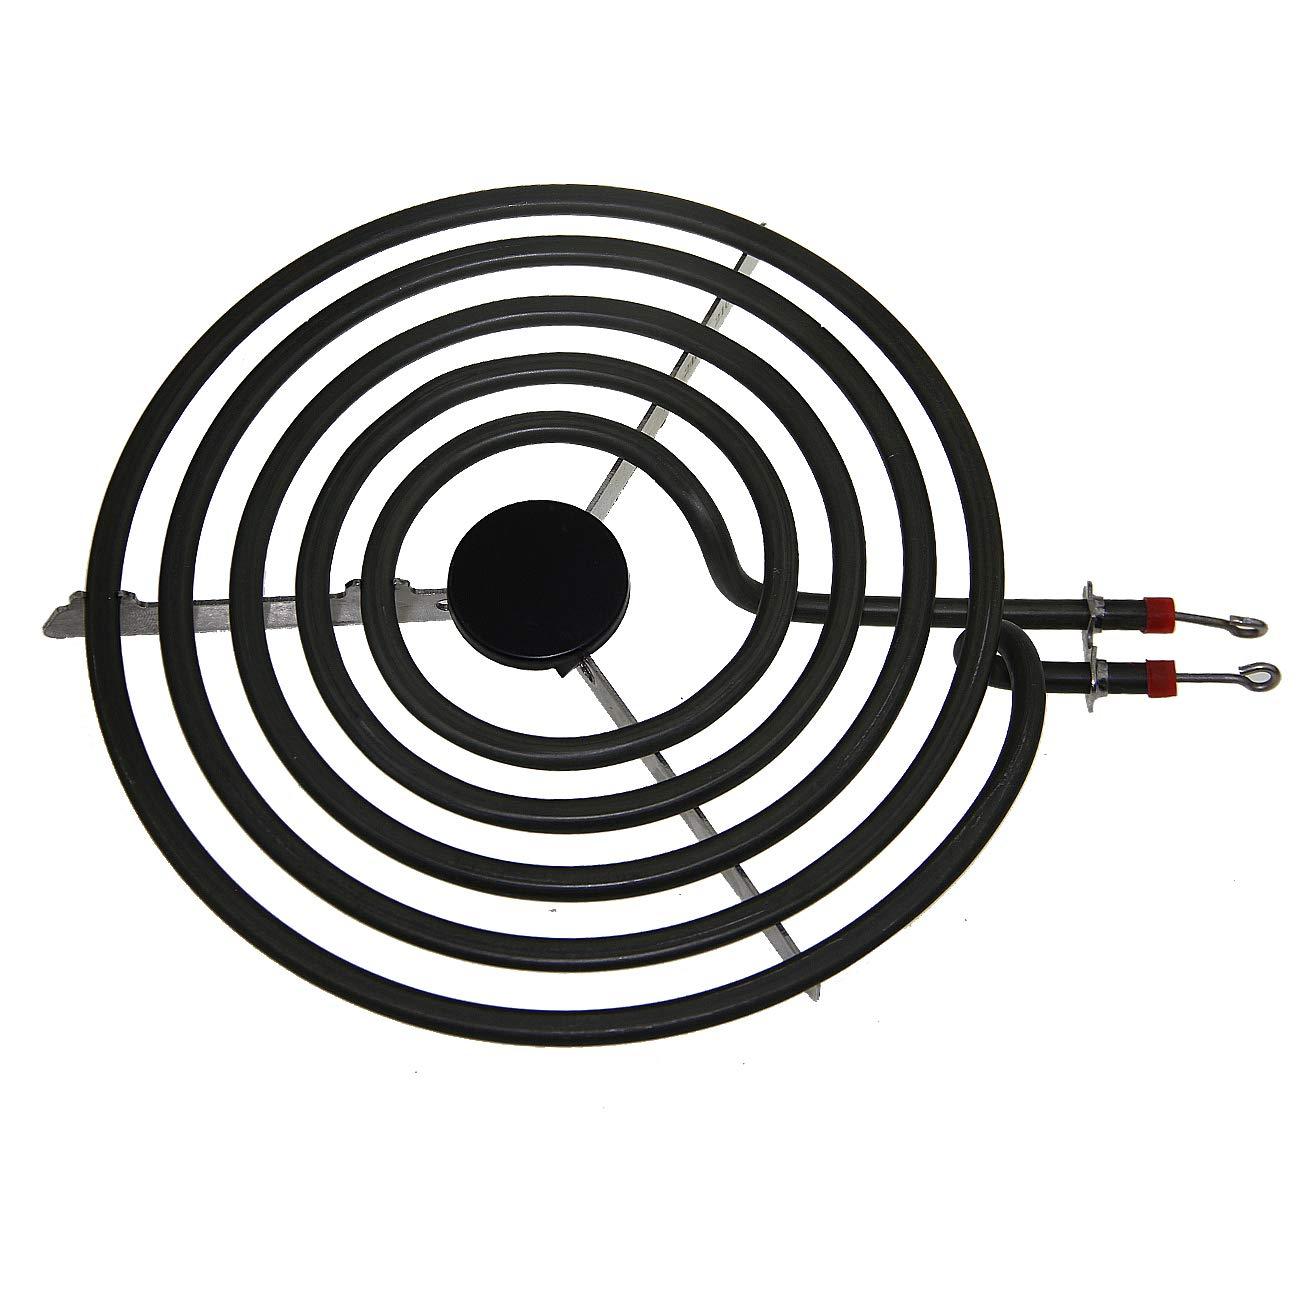 MP22YA Electric Range Burner Element Include 2 x MP21YA and 2 x MP15YA Compatible with Whirlpool,KitchenAid Range Stove 4Pack